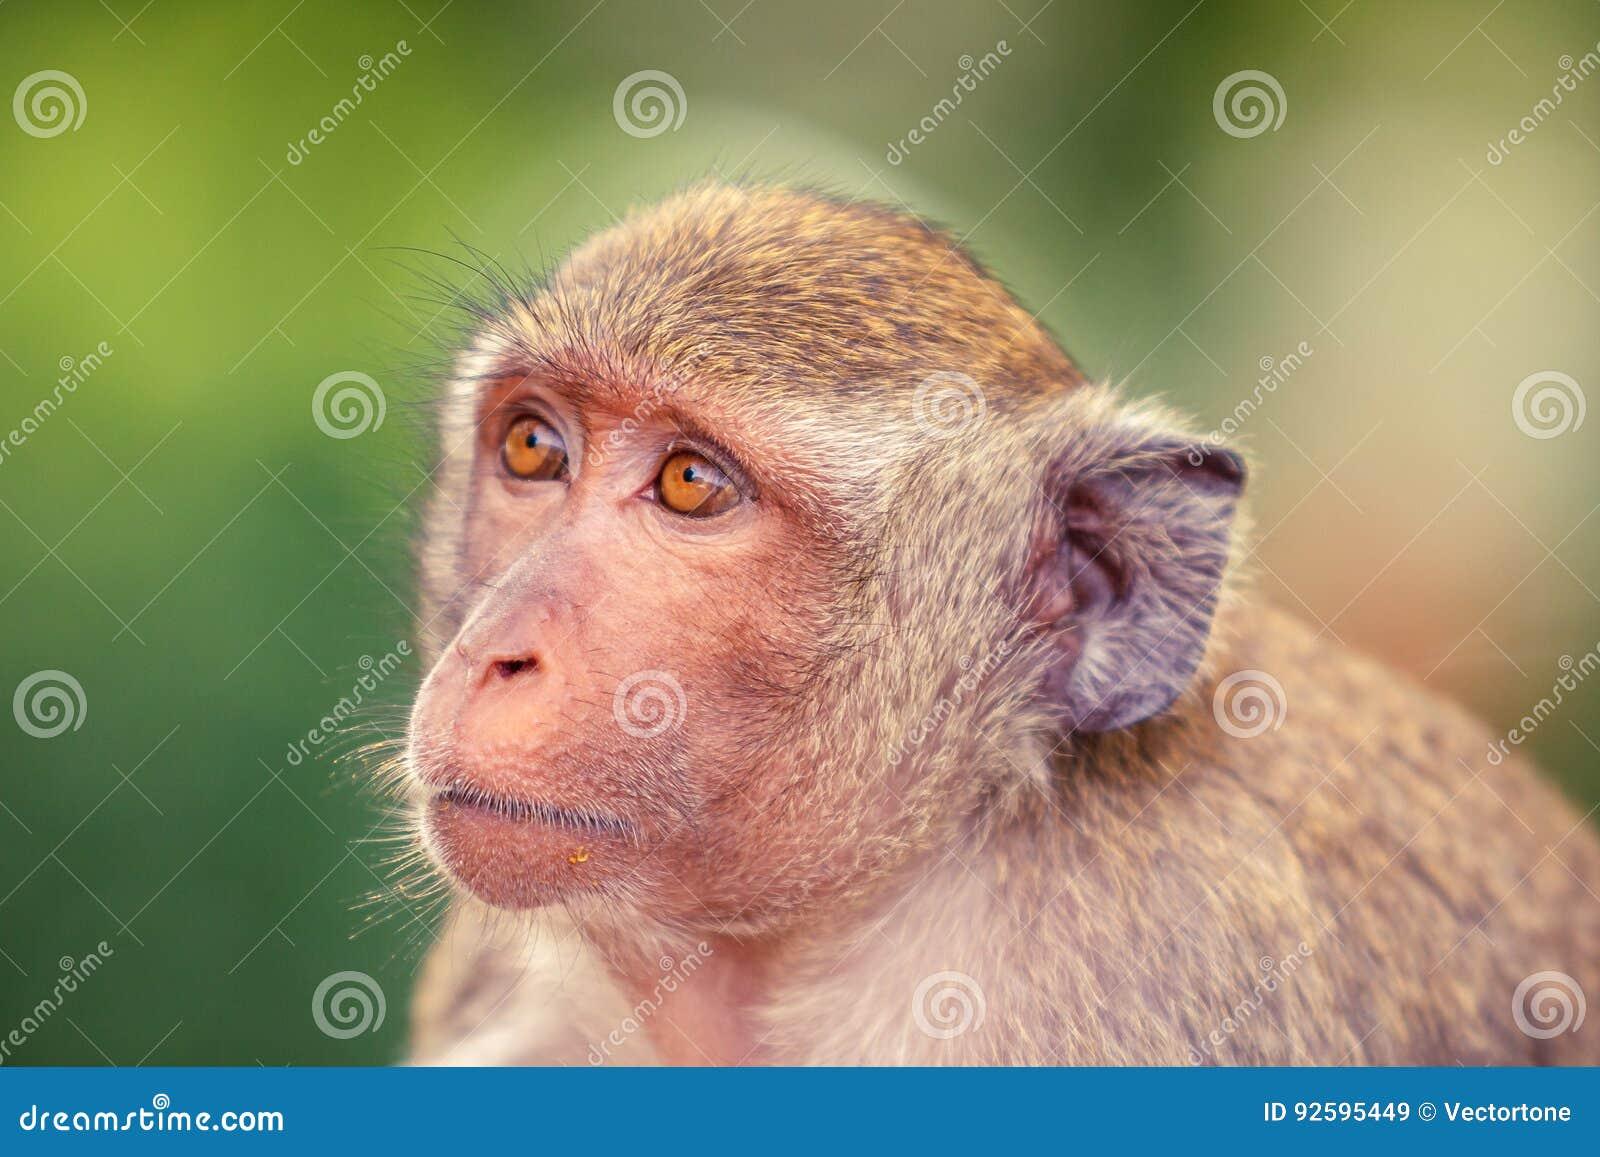 Portrait of Monkey head shot.